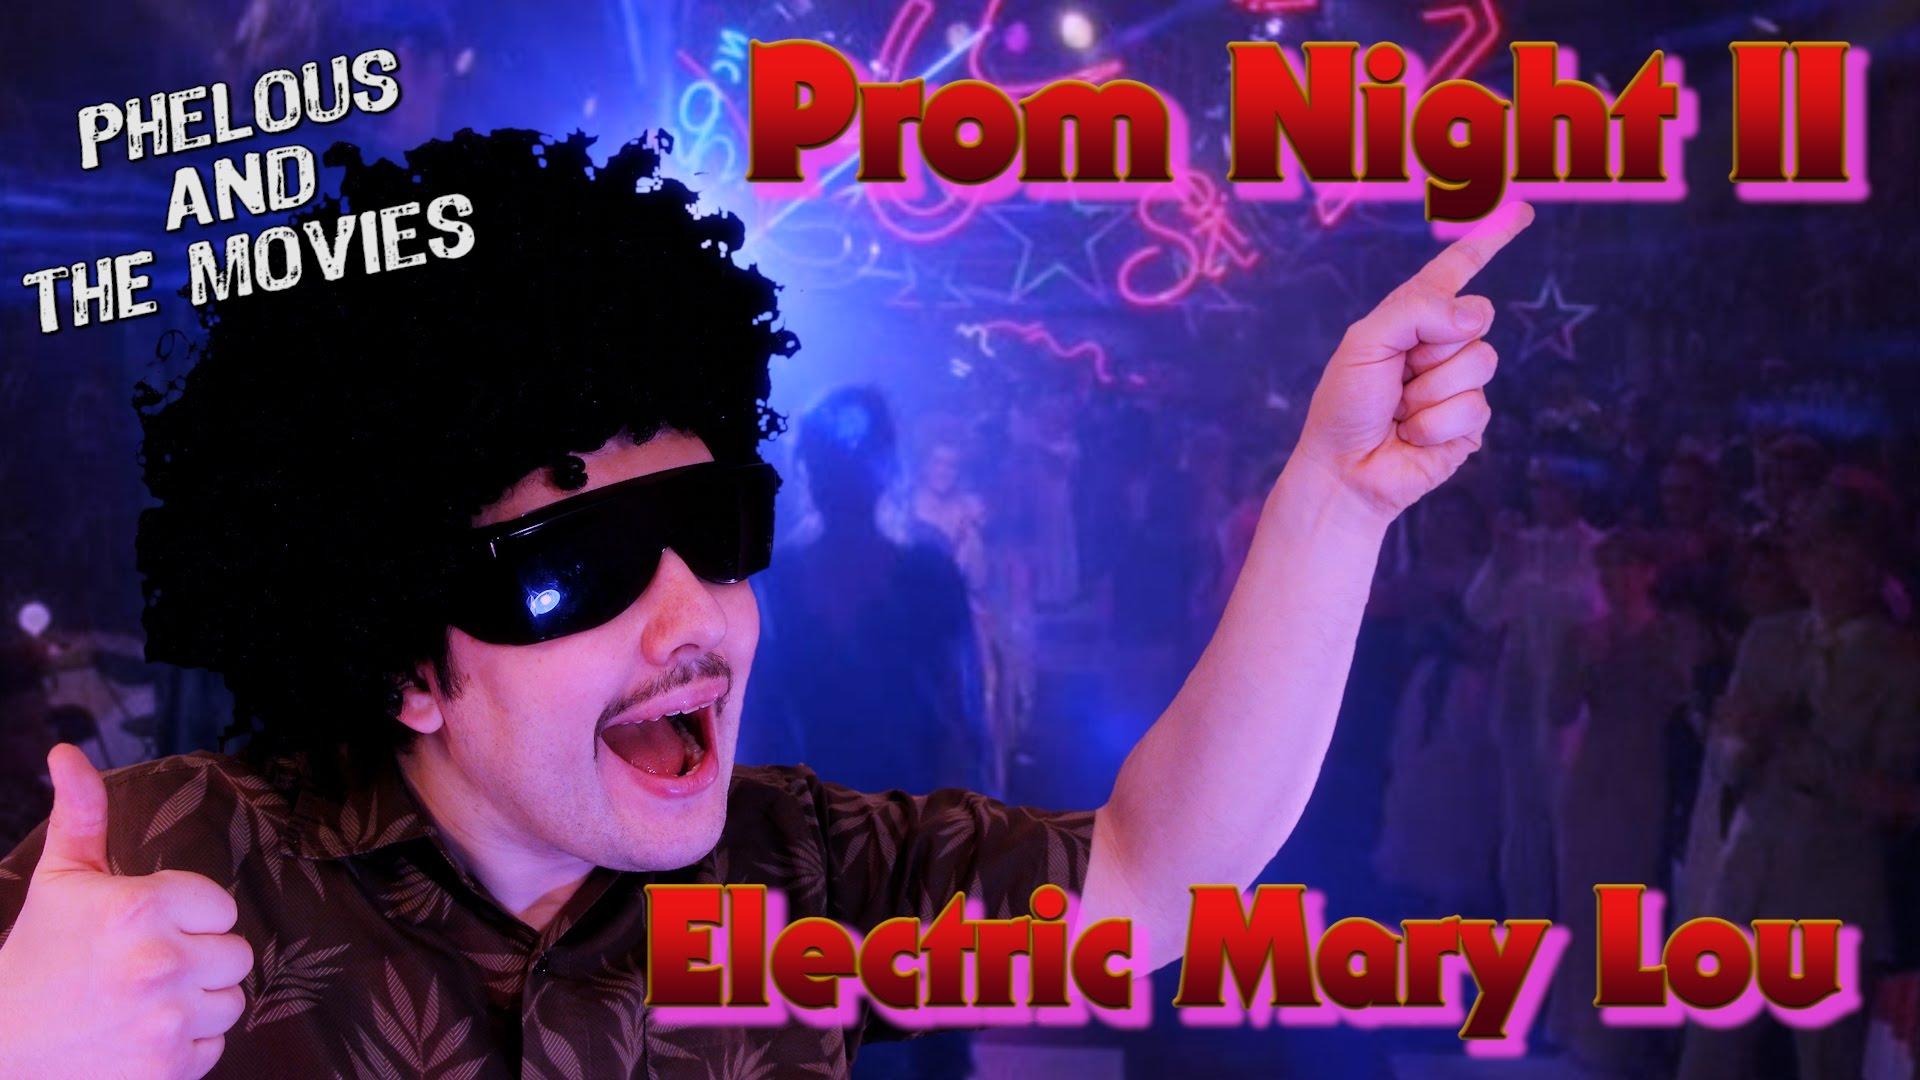 Prom Night 2: Hello Mary Lou